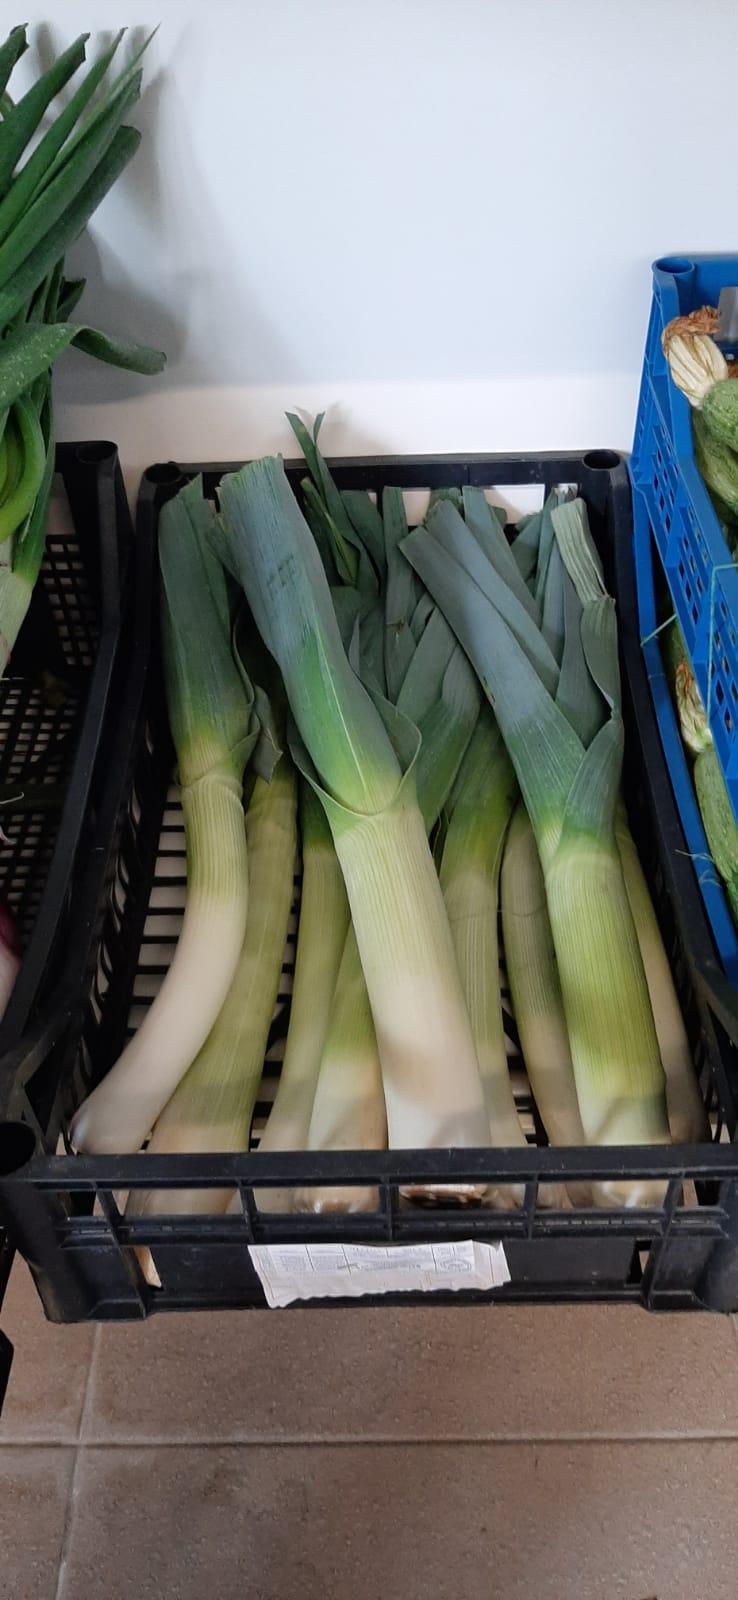 Frutta e Verdura a Km 0 - Consegna gratuita